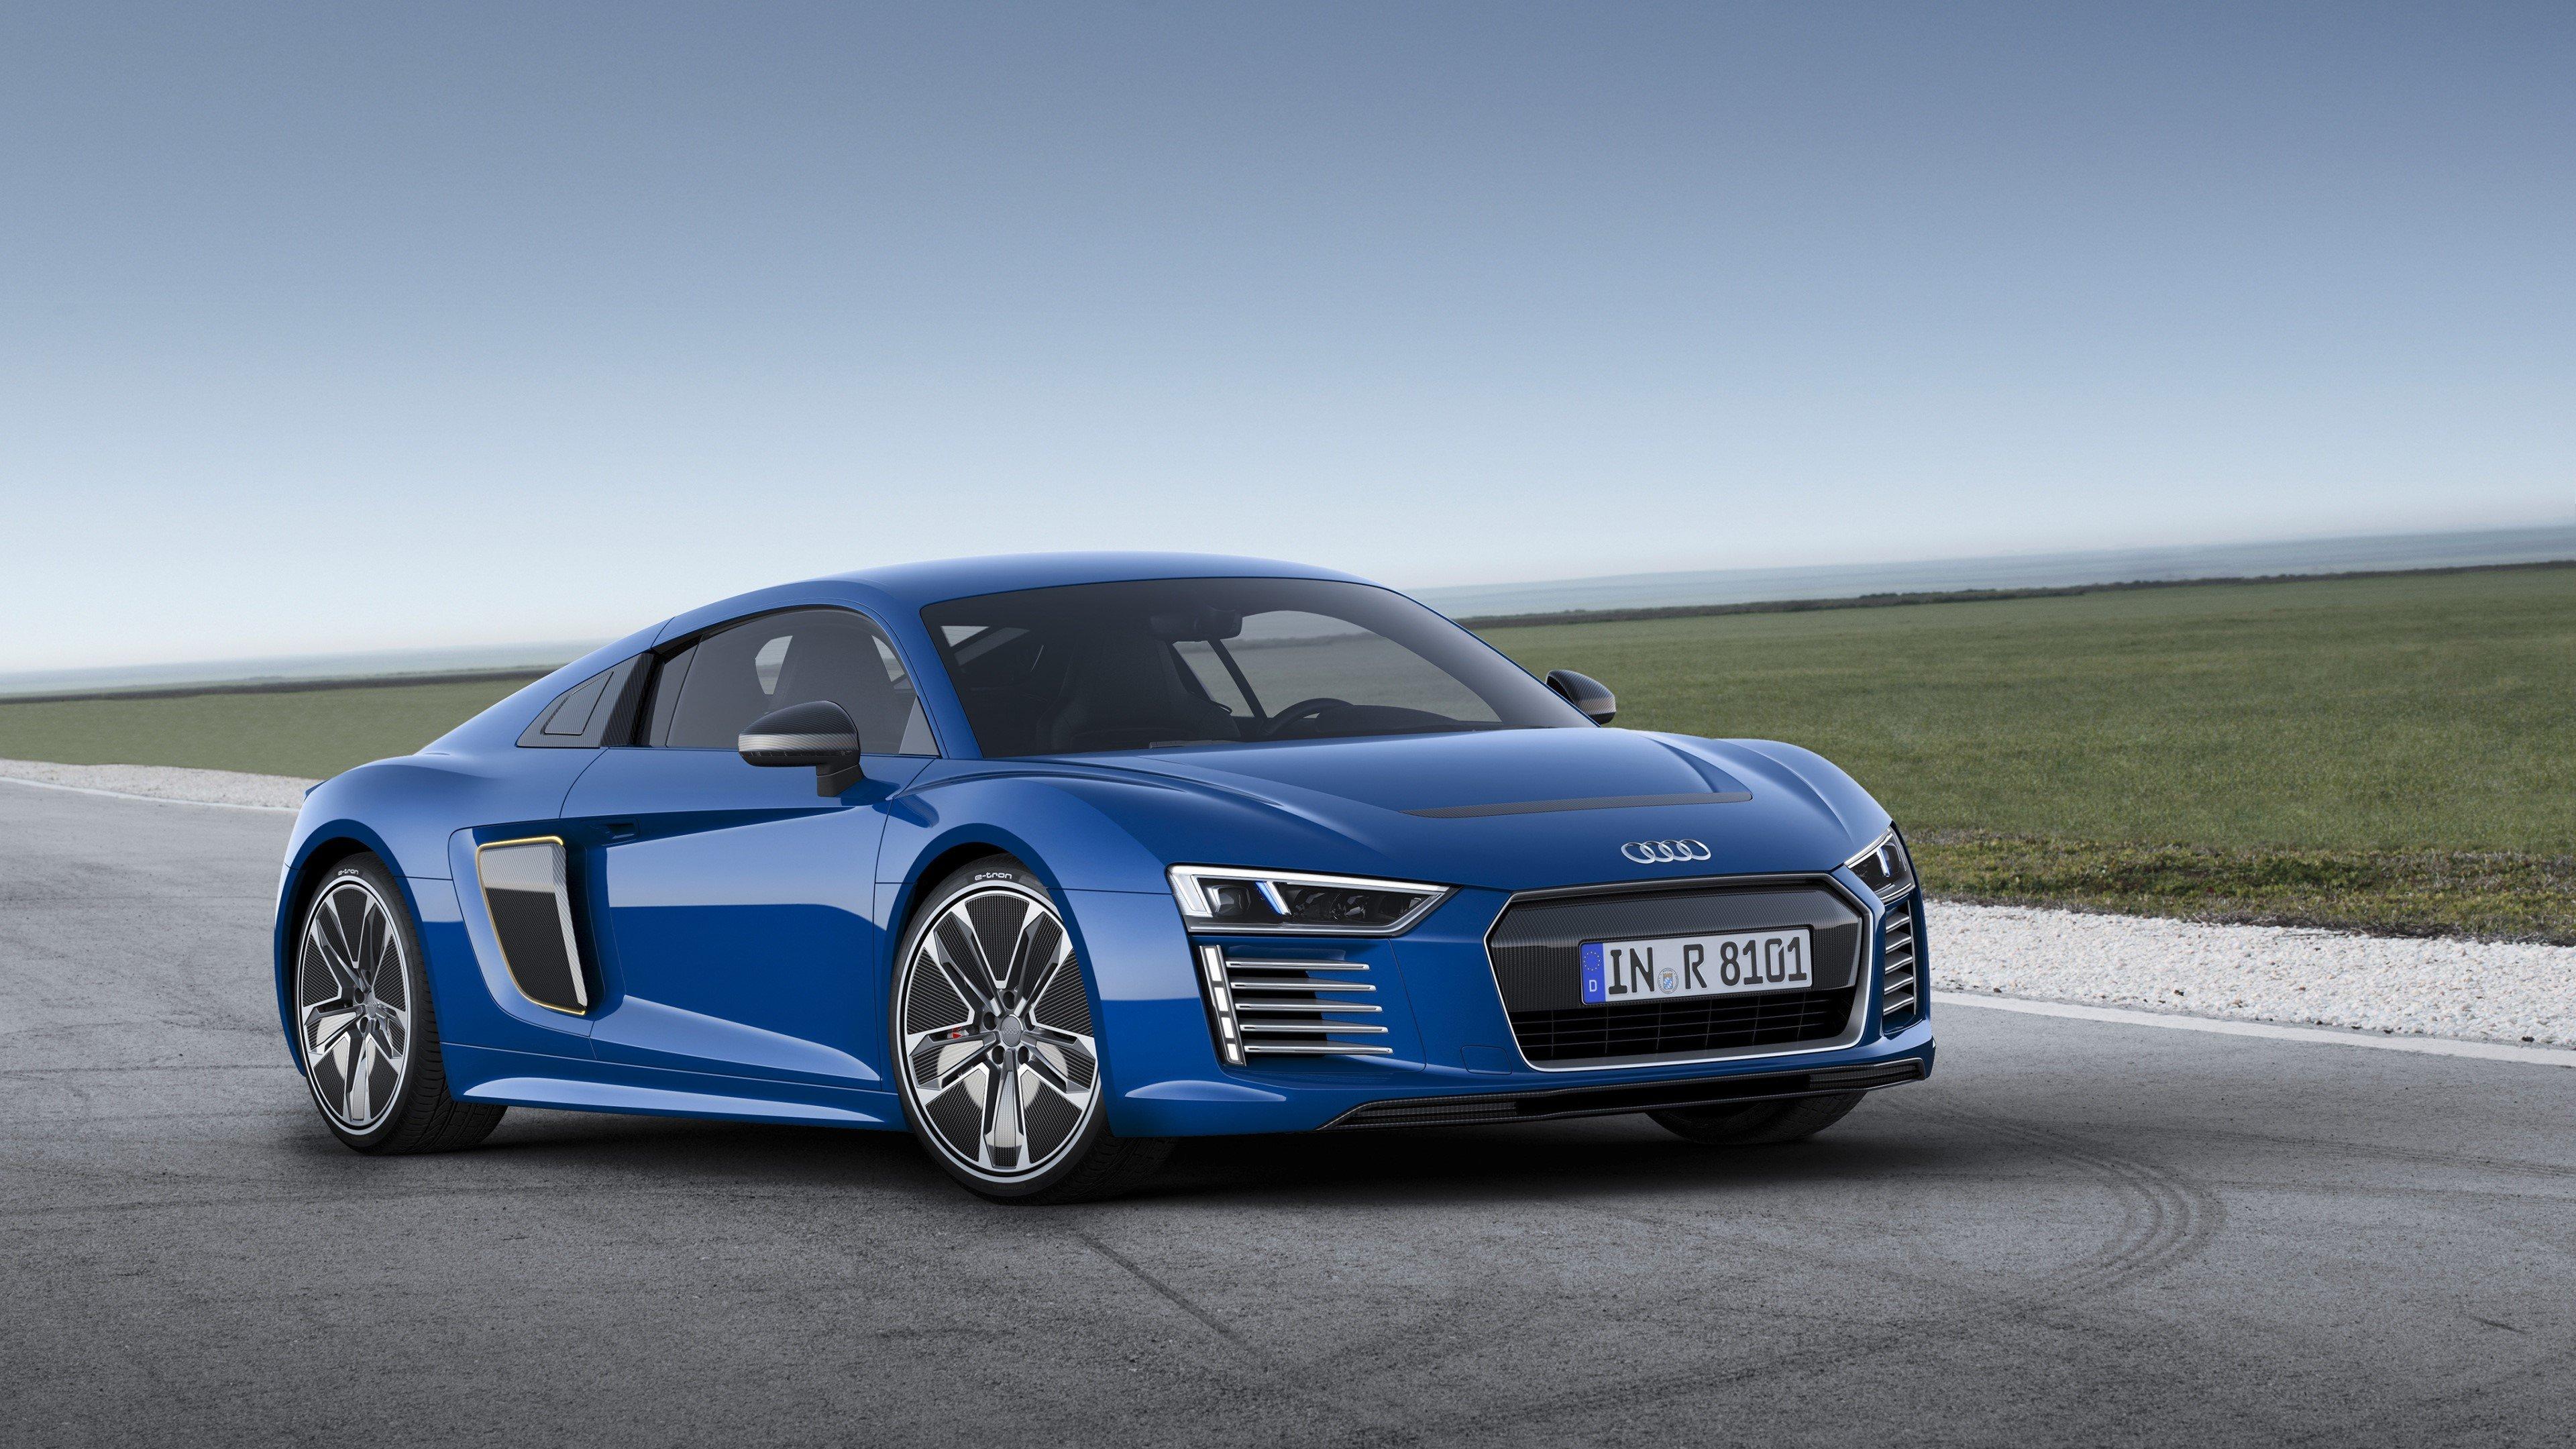 Fondos de pantalla Audi R8 E Tron Azul de lado